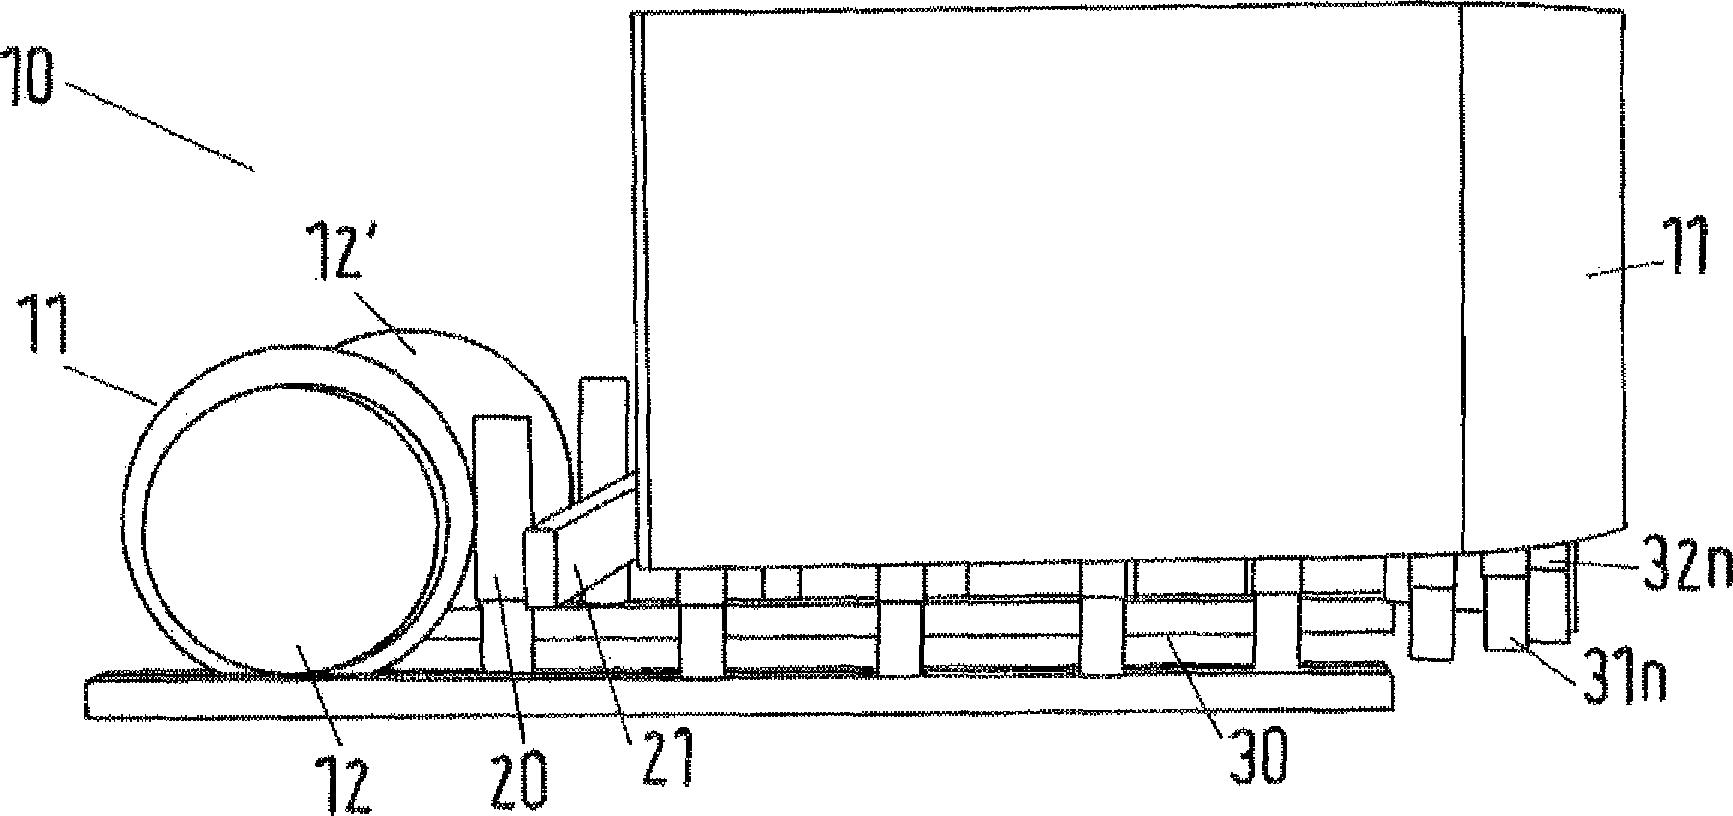 Figure DE102016221512B3_0001